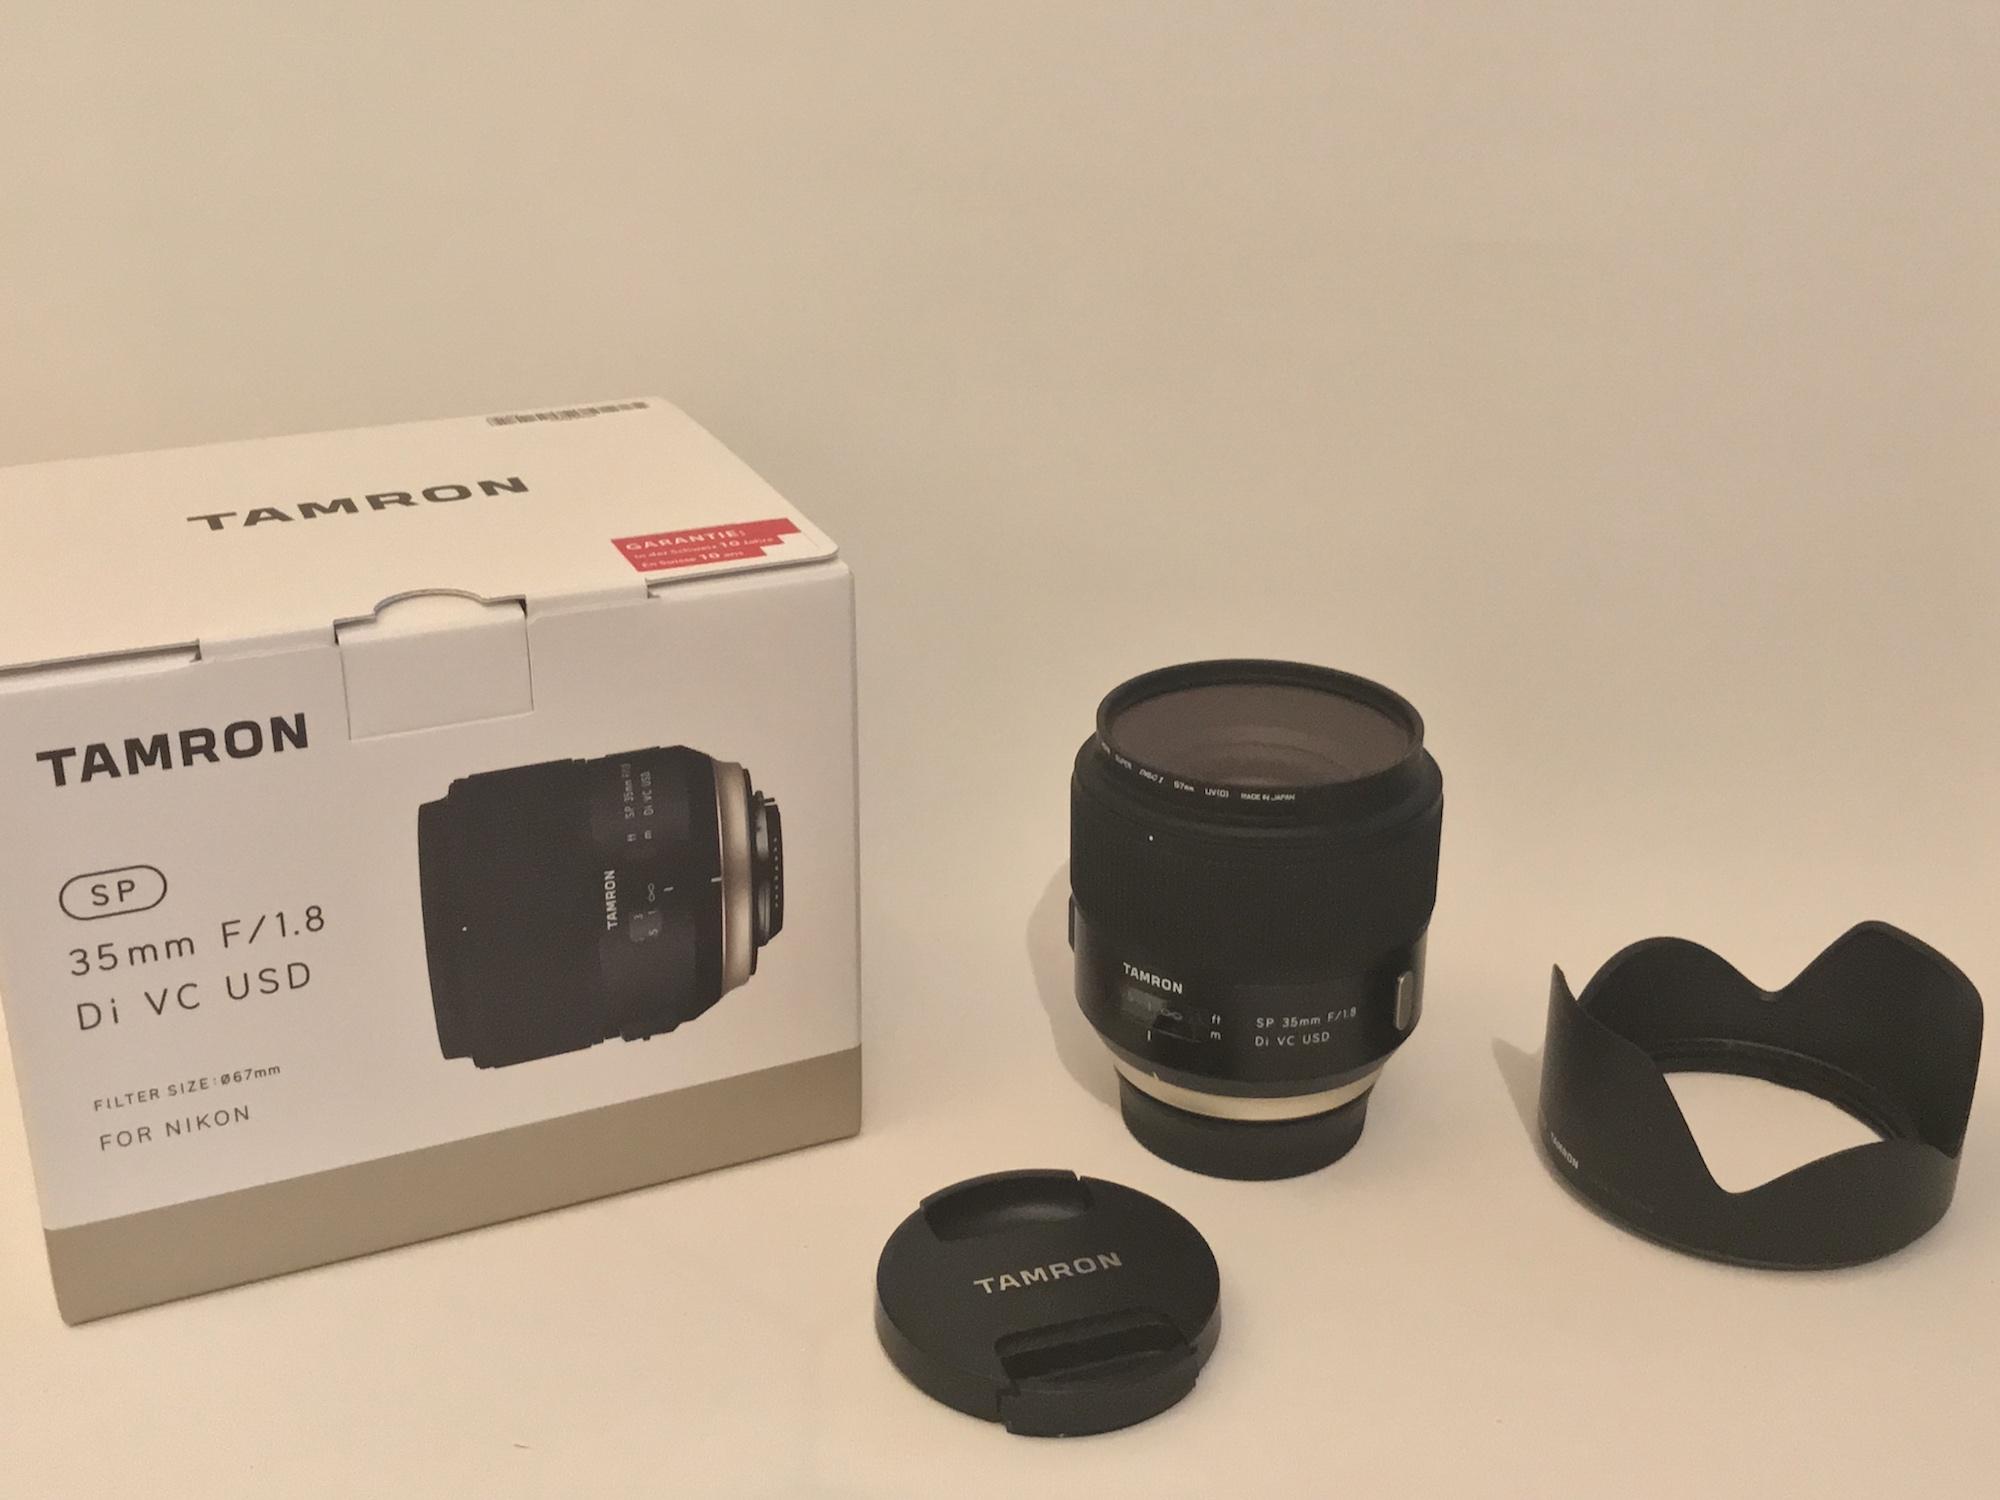 Nikon Af S Dx 35mm F18g Free Uv Filter 52mm Dan Lenshood Hb 463 Nikkor 70 200mm F 28e Fl Ed Vr Garansi Resmi Tamron Sp F18 Vc Usd Fr